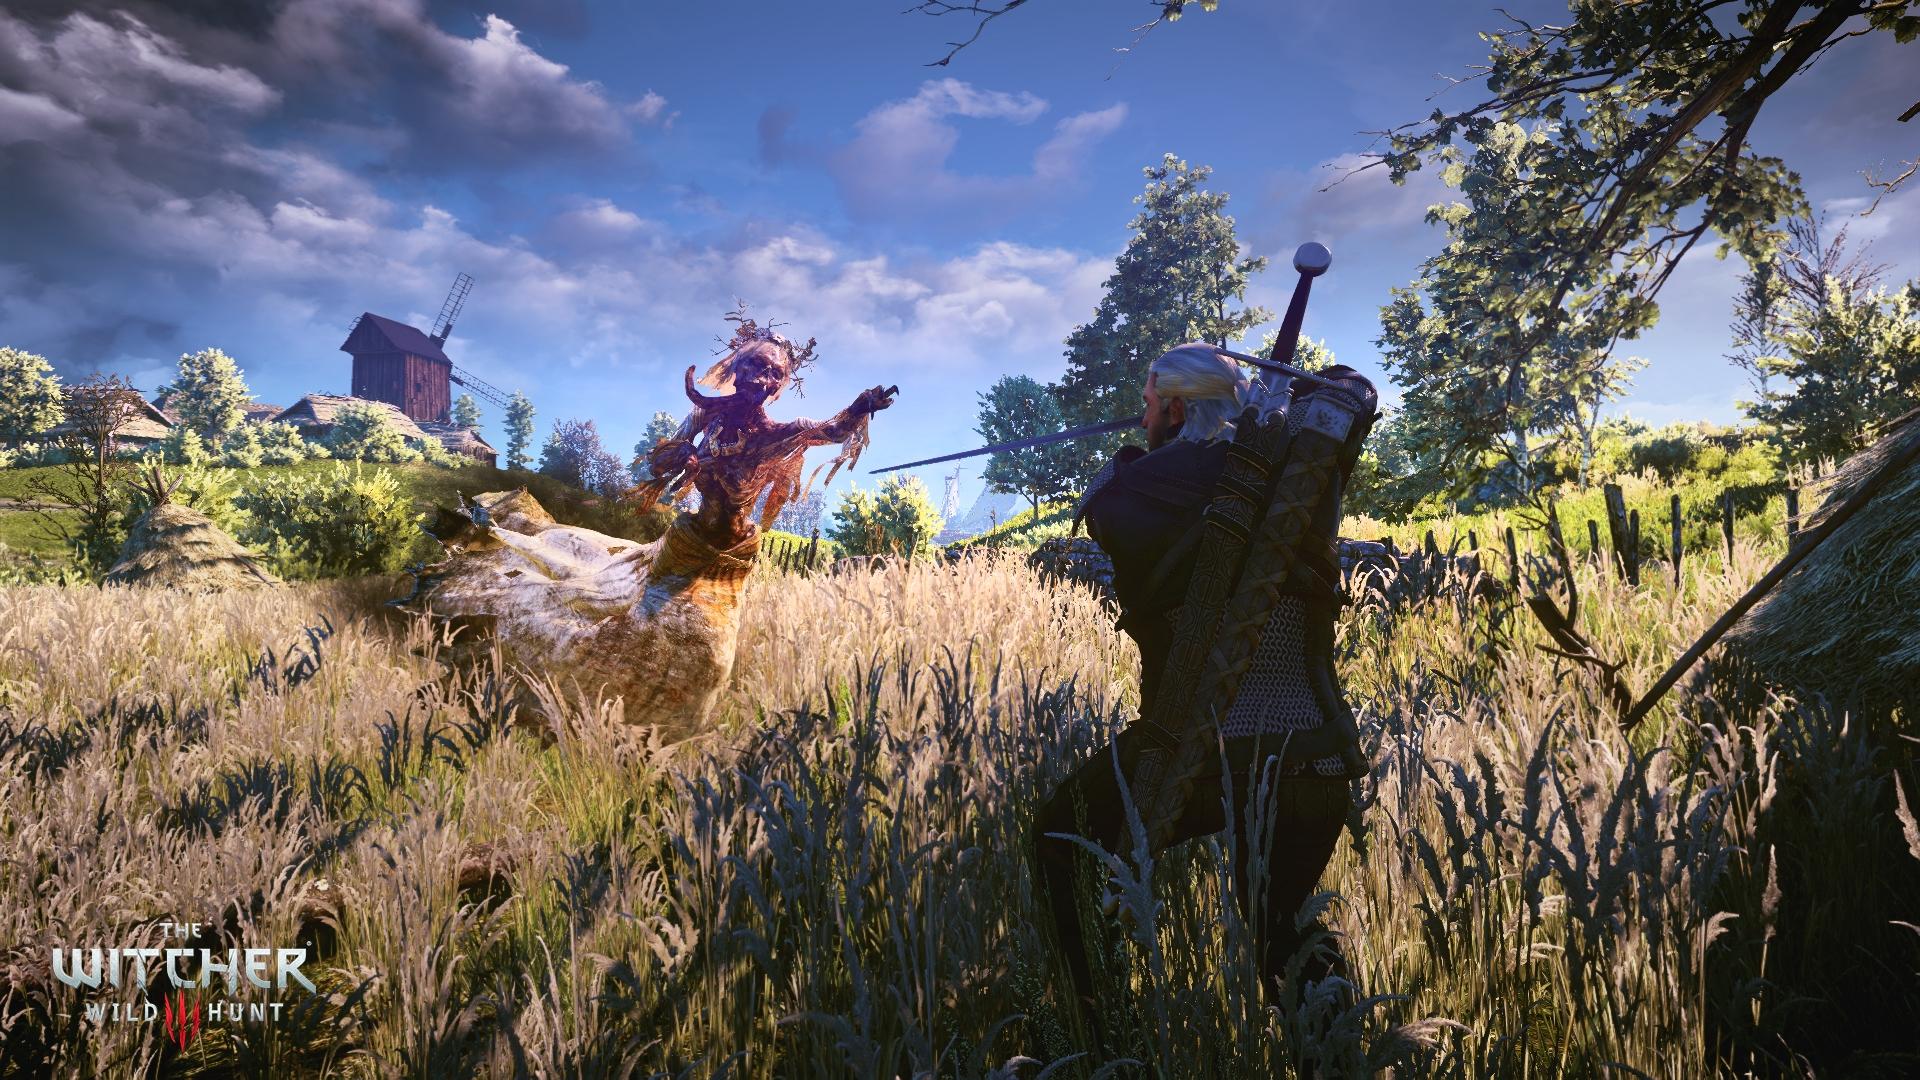 1402005472-the-witcher-3-wild-hunt-3.jpg